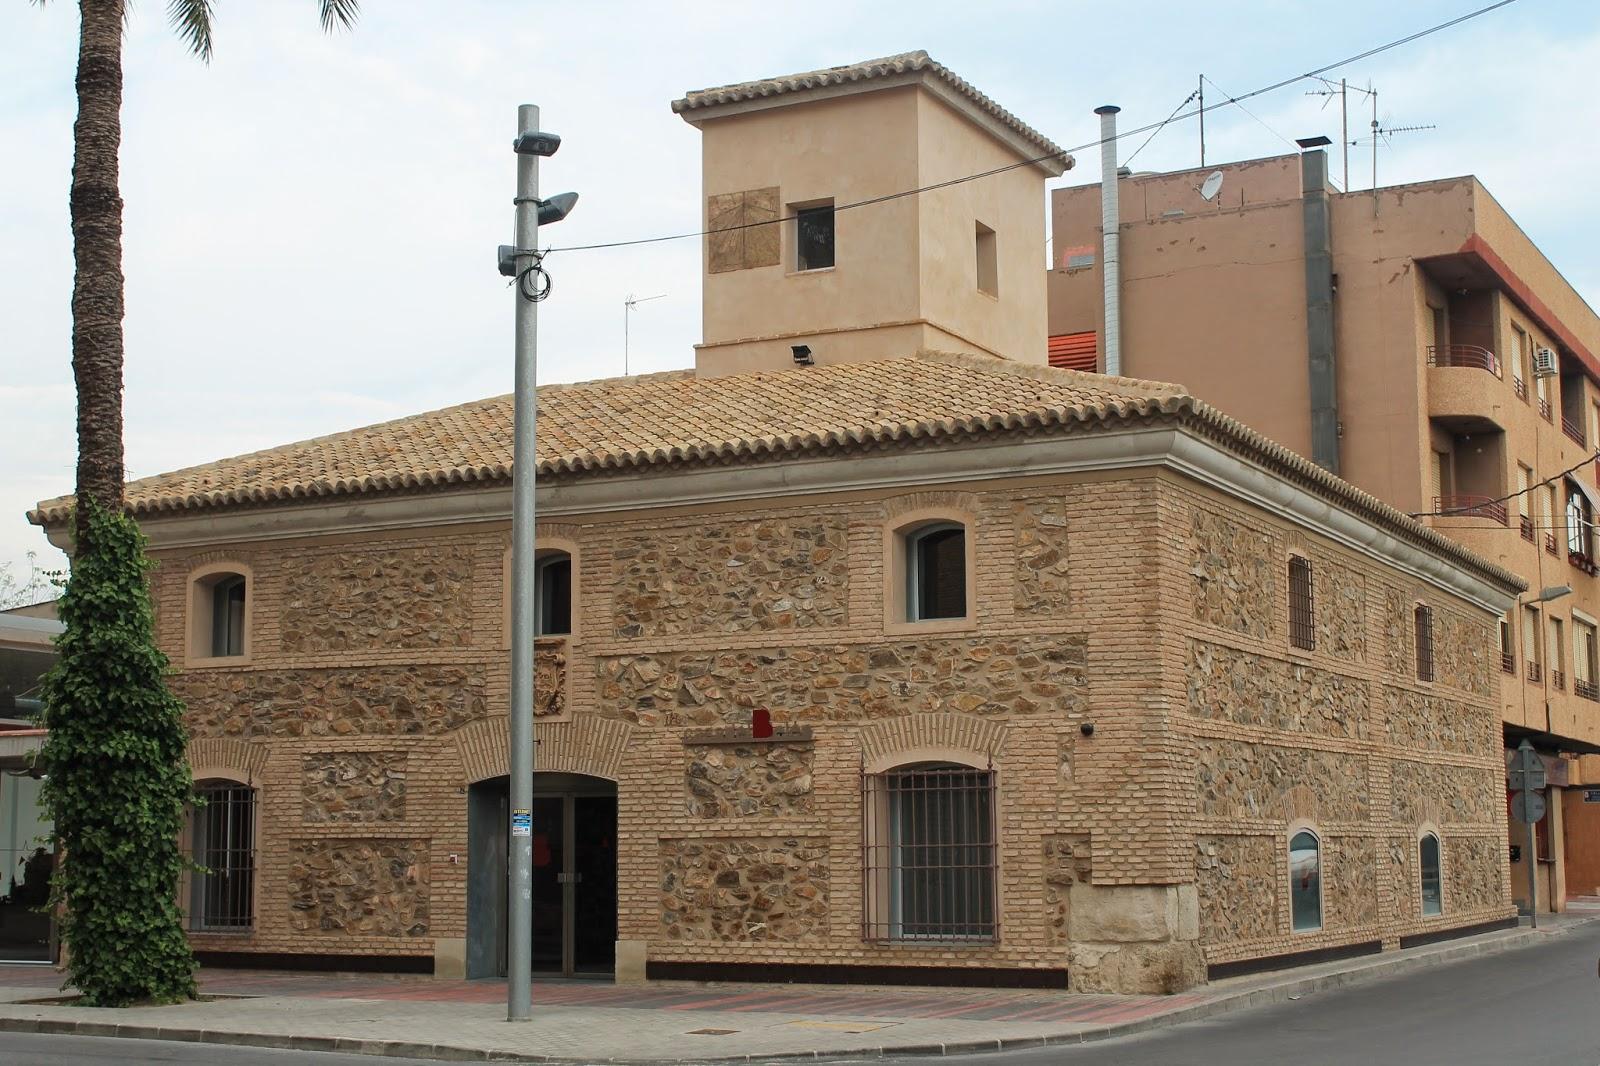 Casa Museo del Belén de Puente Tocinos